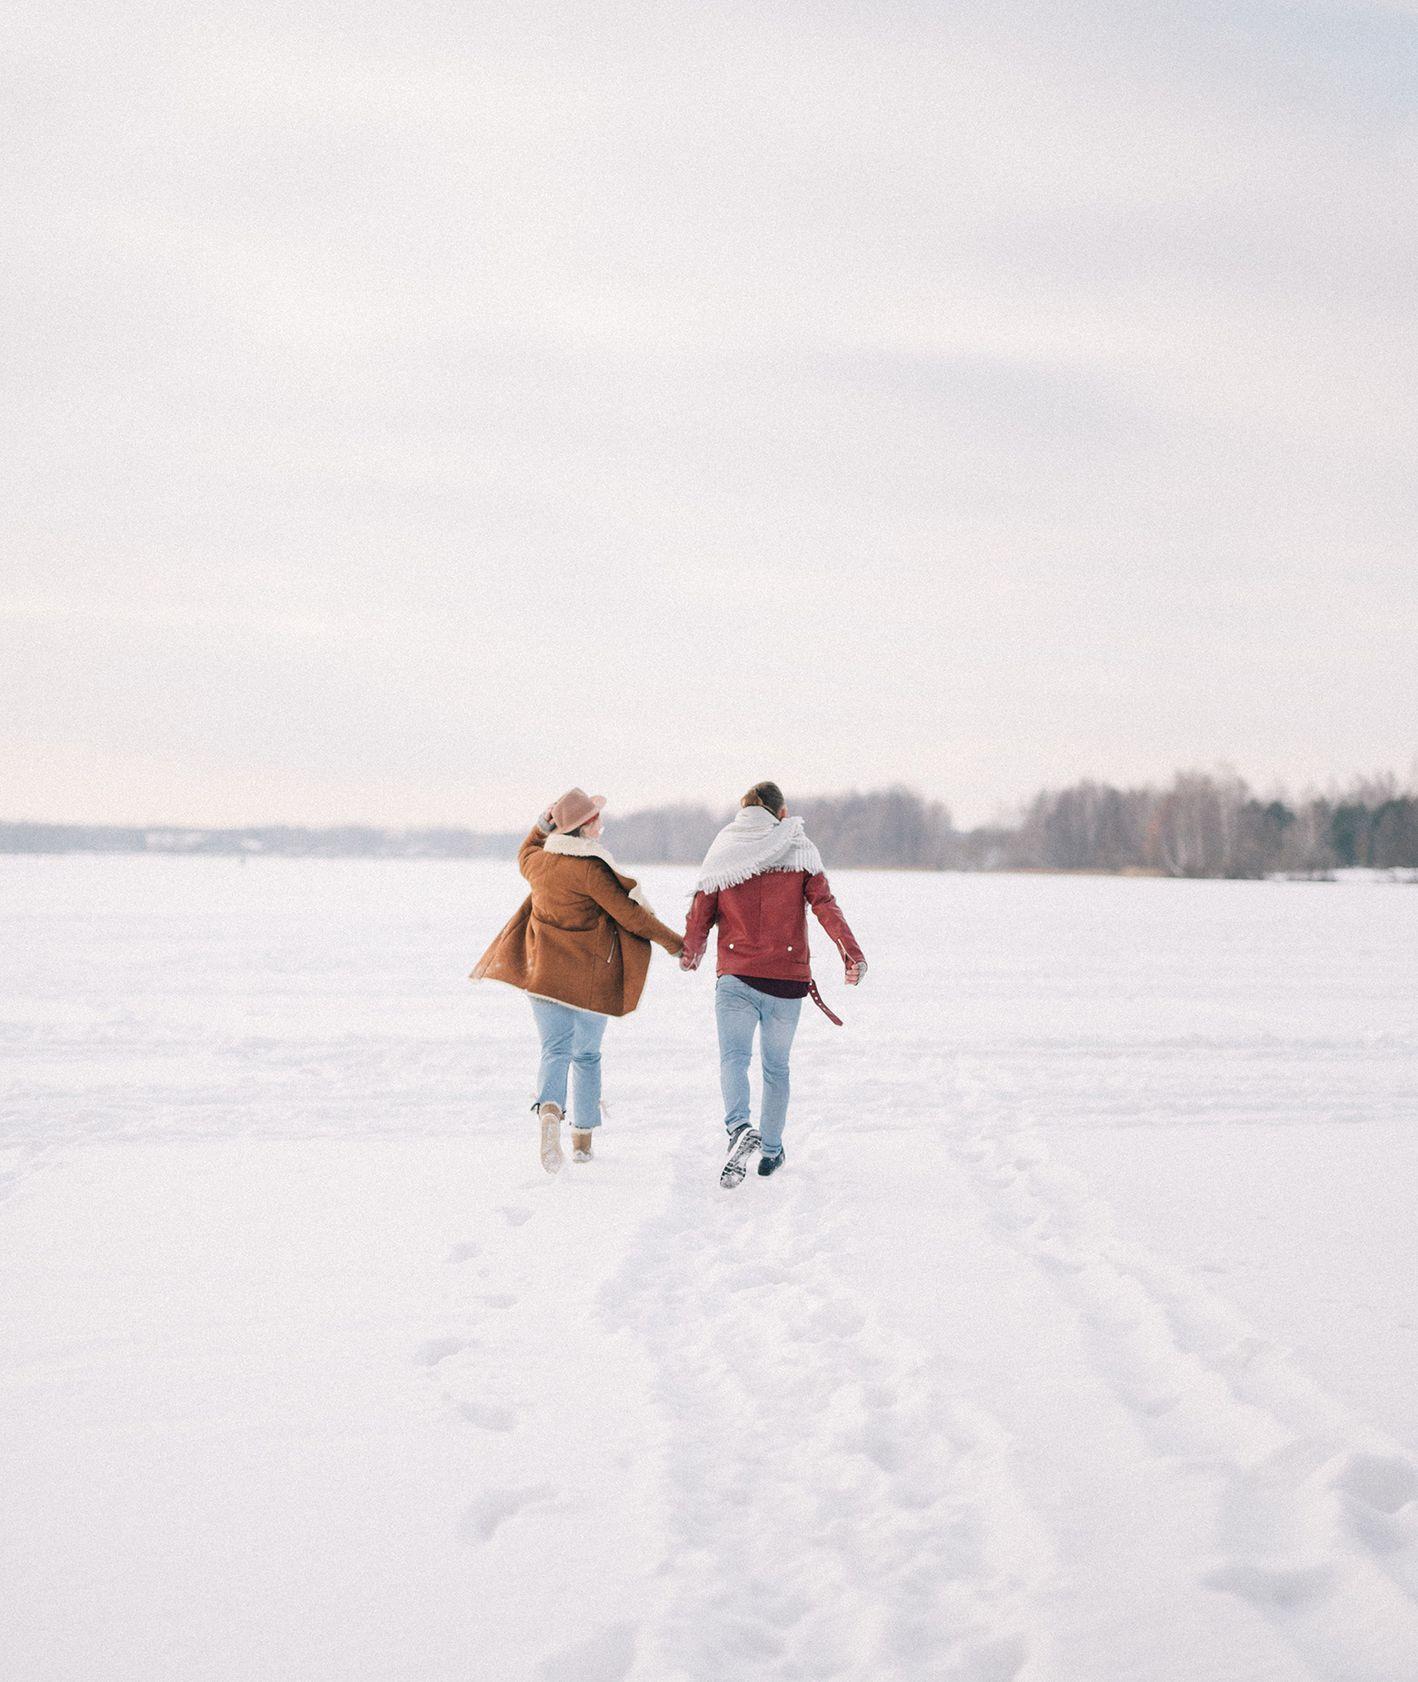 Dwoje ludzi trzymających się za ręce i spacerujących po śniegu (fot. Olya Kobruseva / pexels.com)